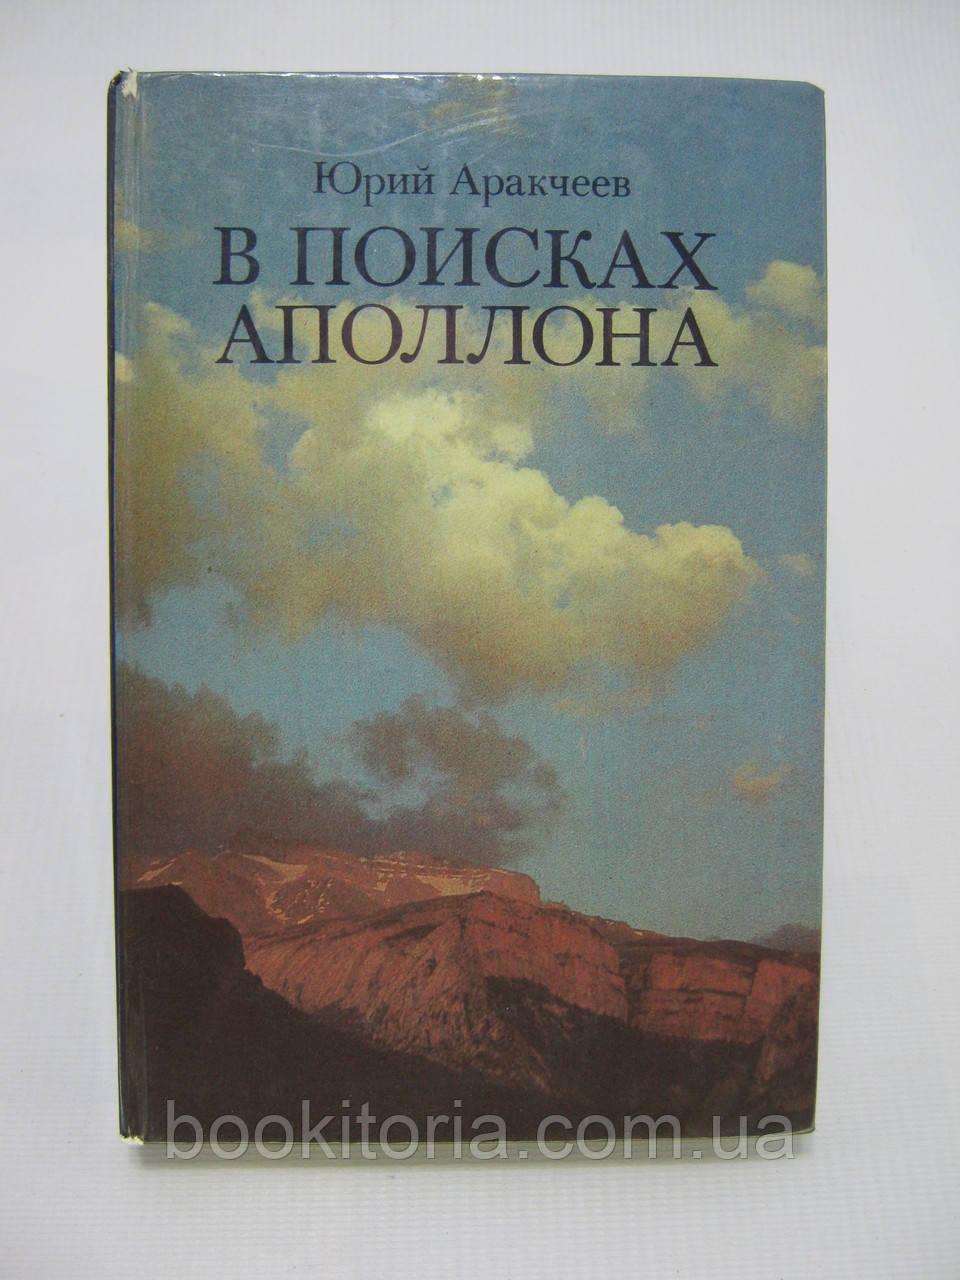 Аракчеев Ю.С. В поисках Аполлона (б/у).